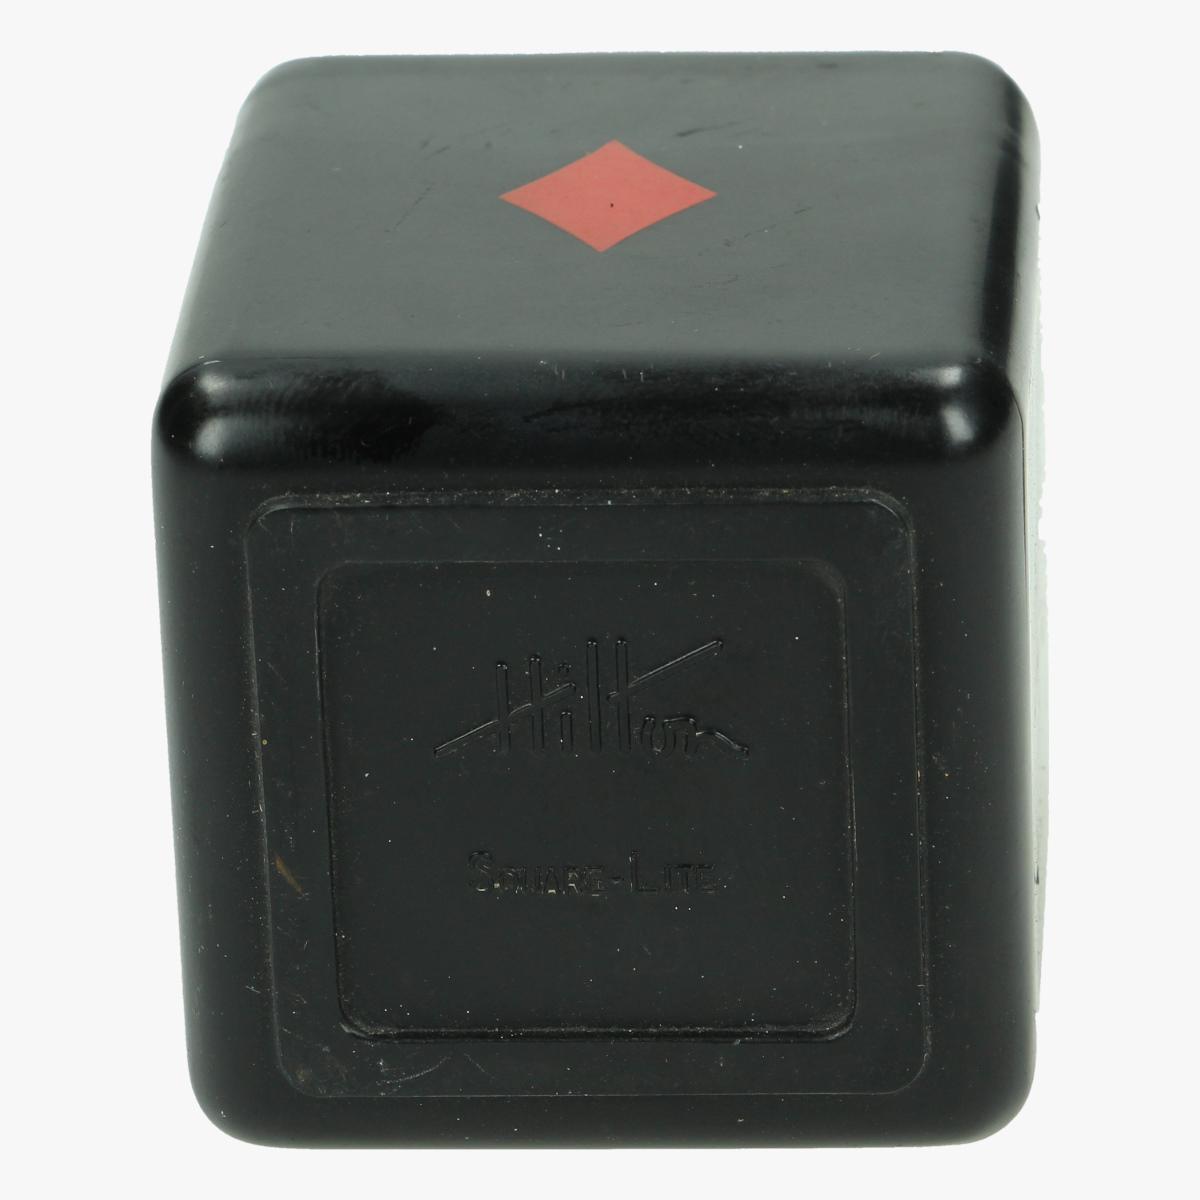 Afbeeldingen van oude aansteker hilton square- lite